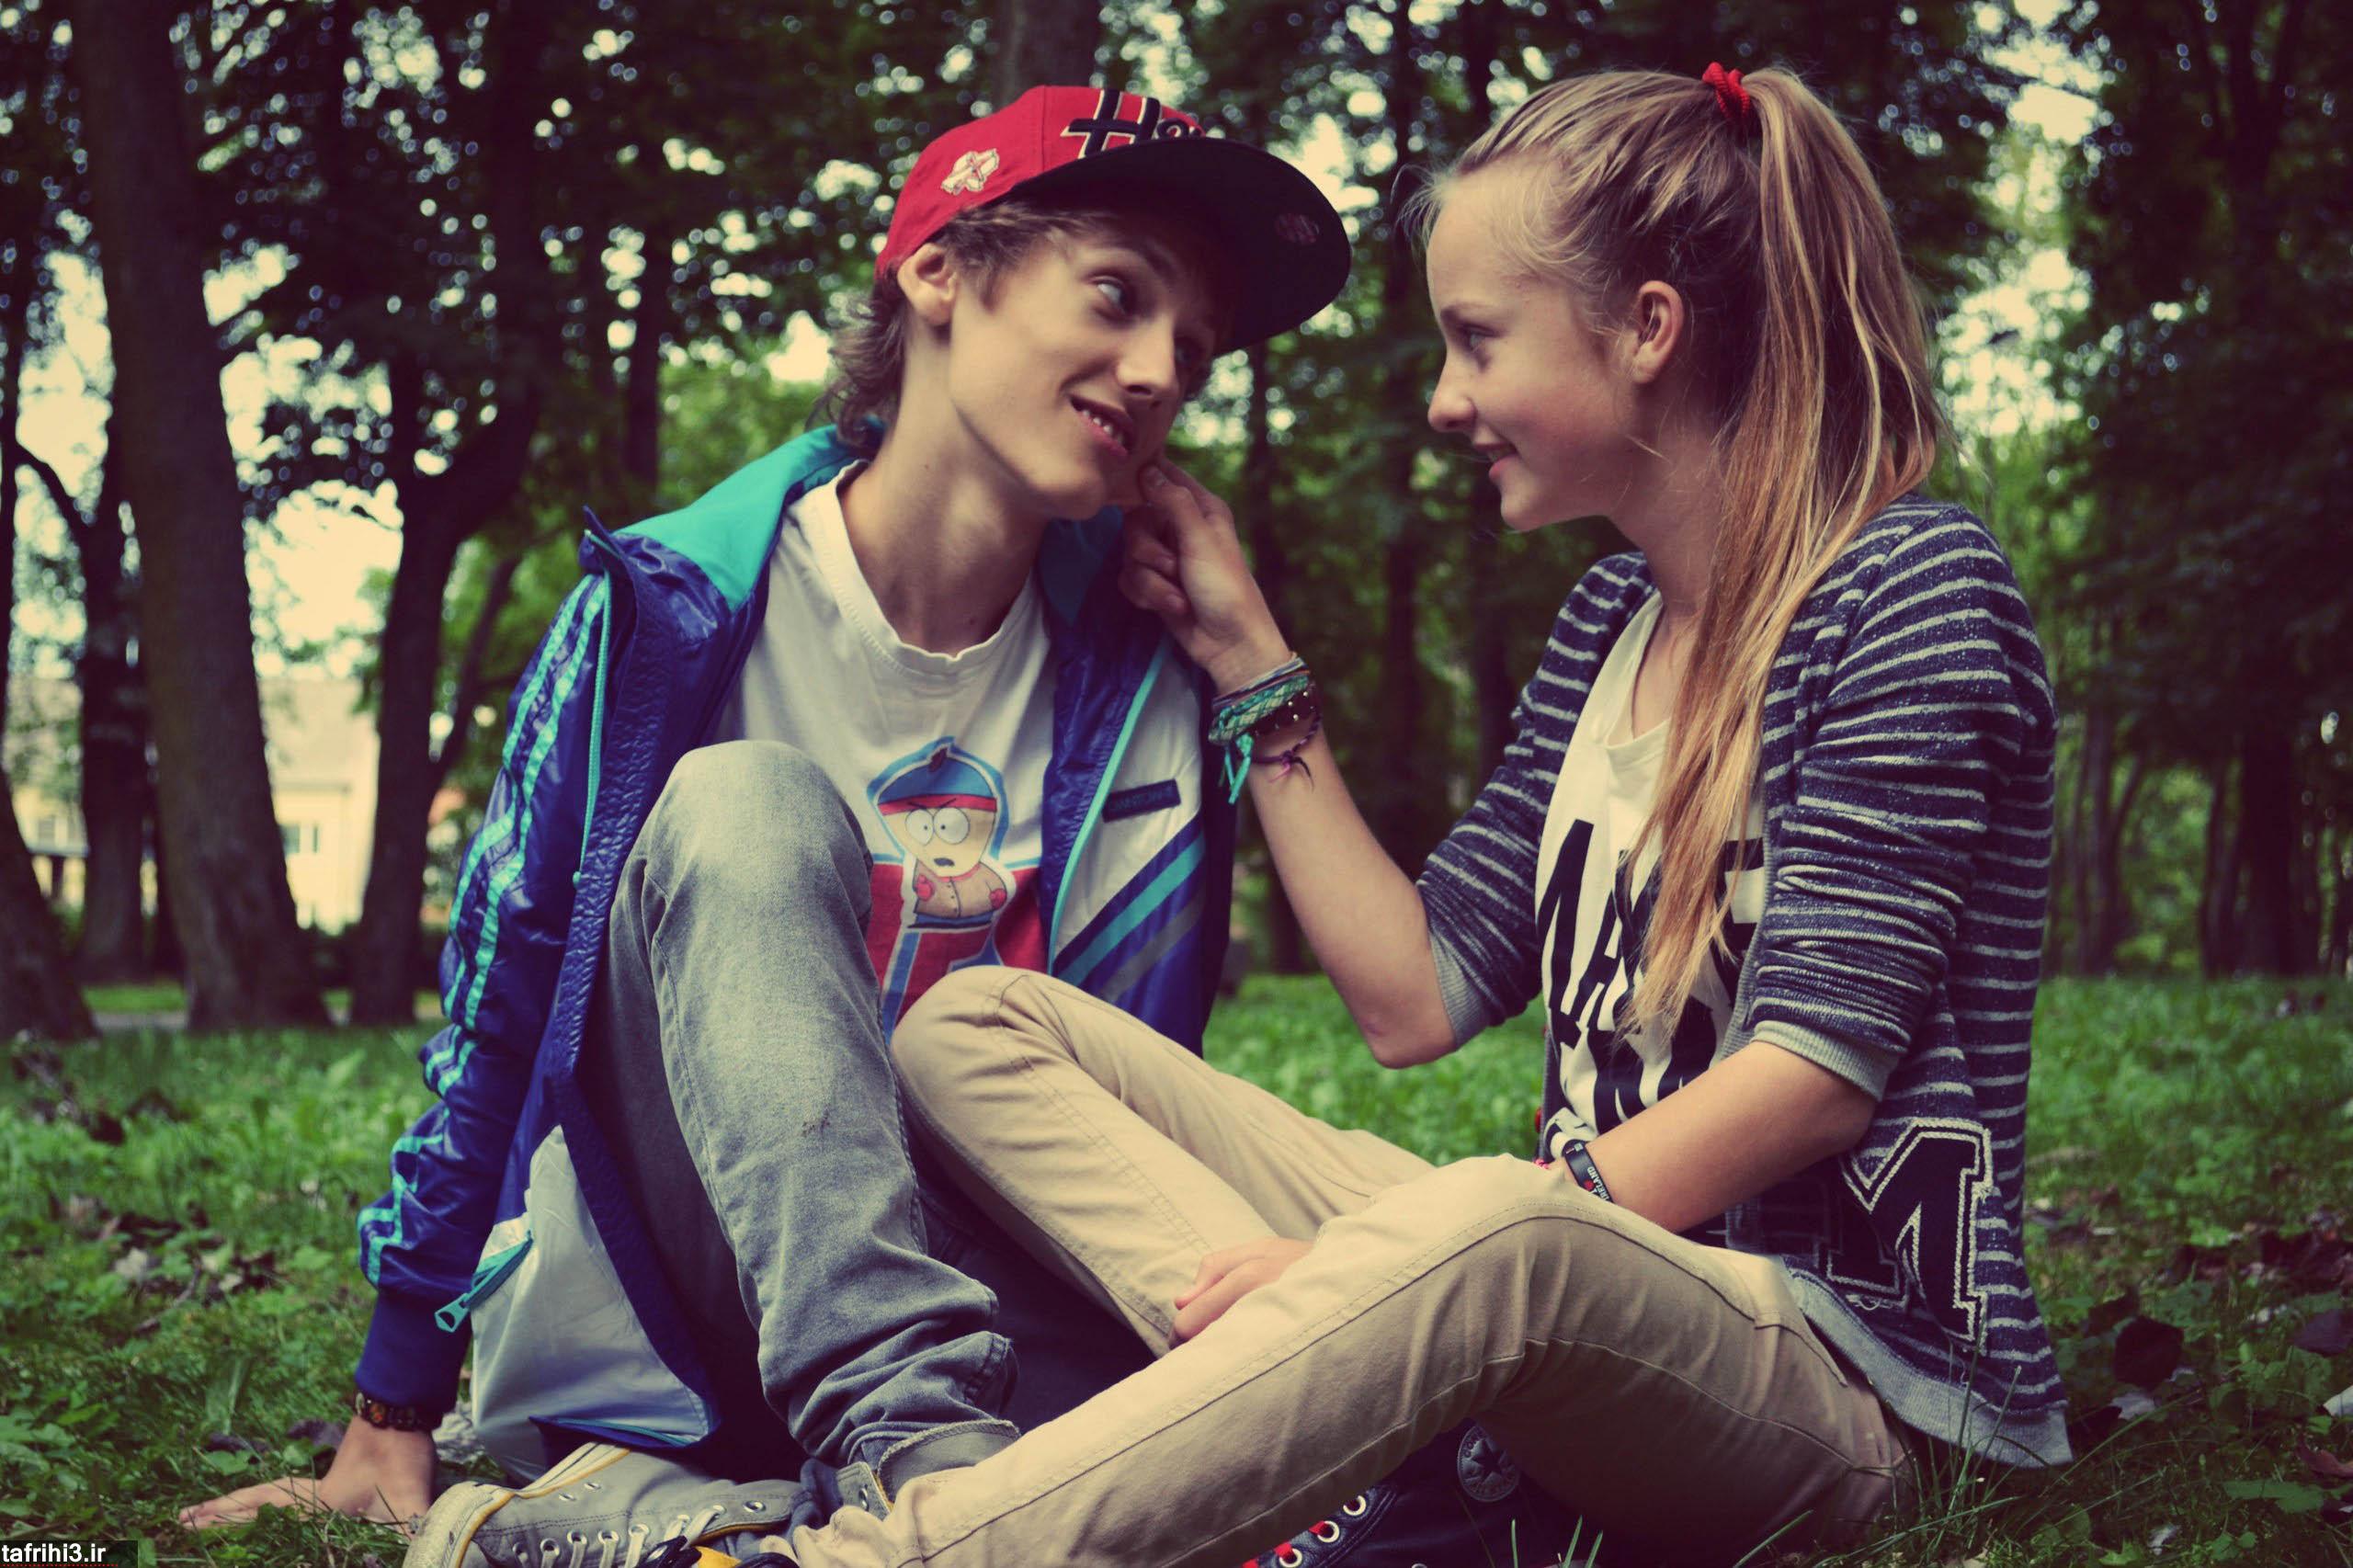 عکس های عاشقانه احساسی دو نفره